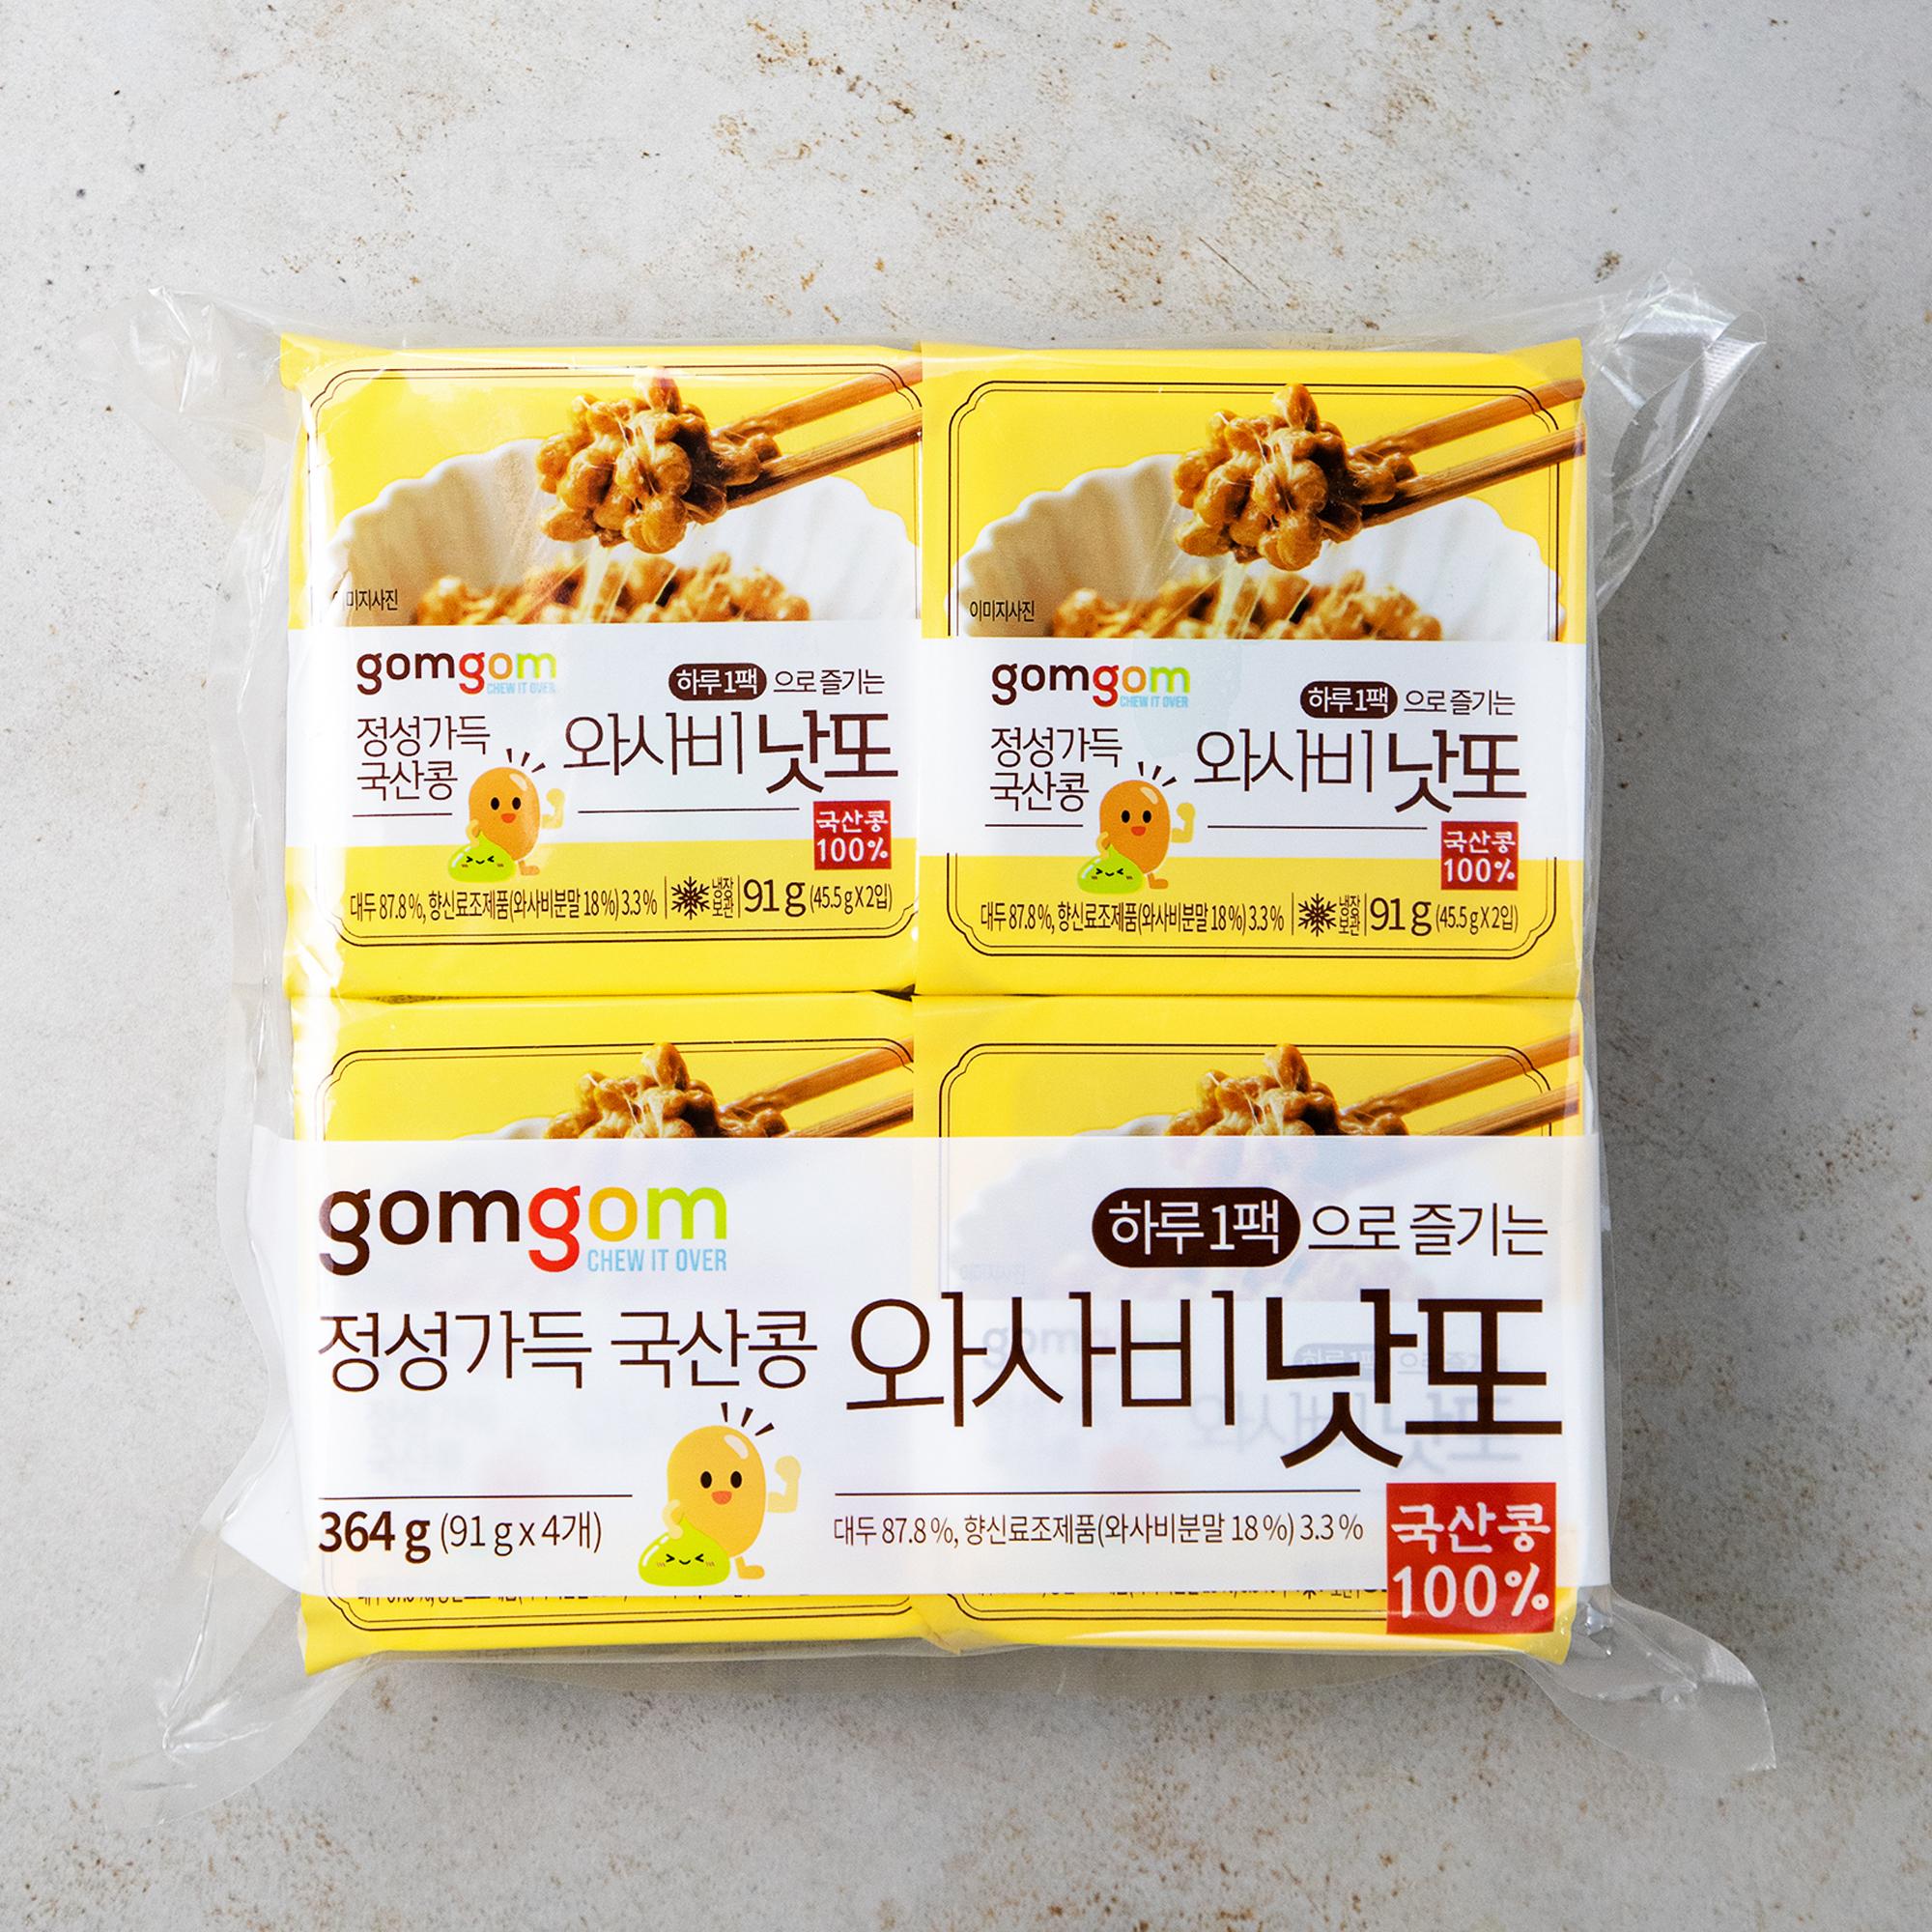 곰곰 와사비 국산콩 생낫또, 45.5g, 8개입